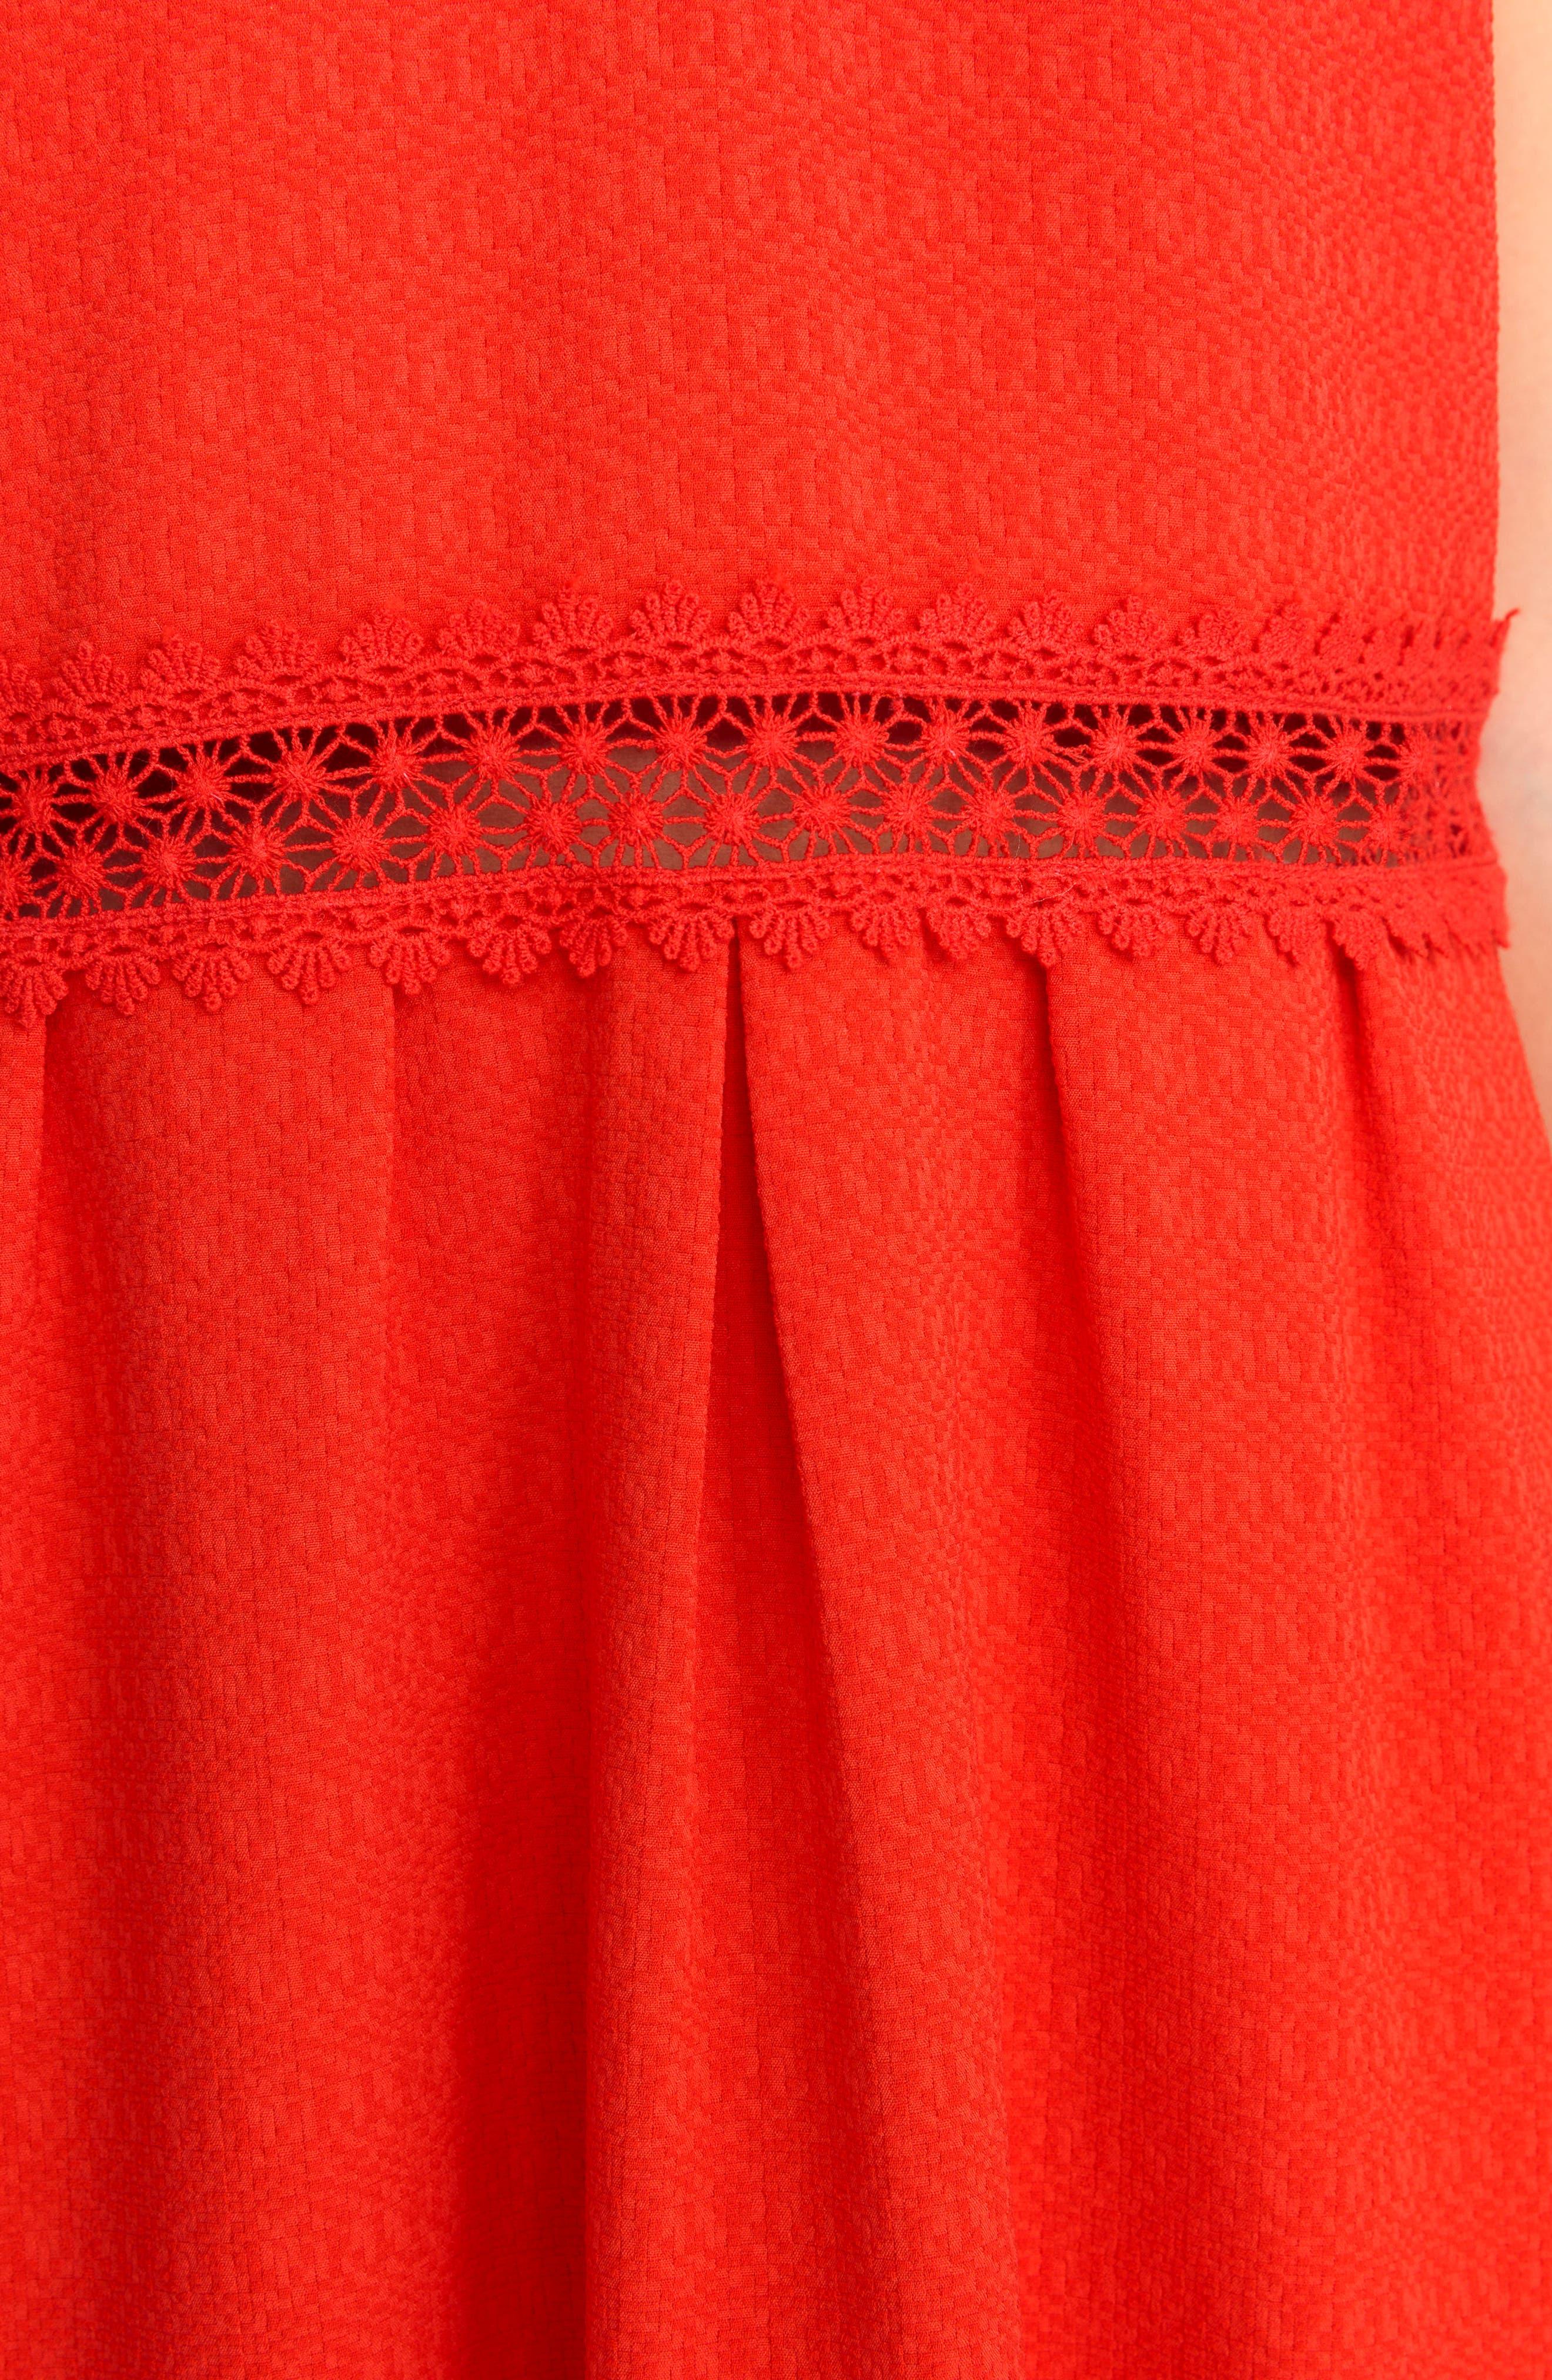 Daniela Lace Trim A-Line Dress,                             Alternate thumbnail 4, color,